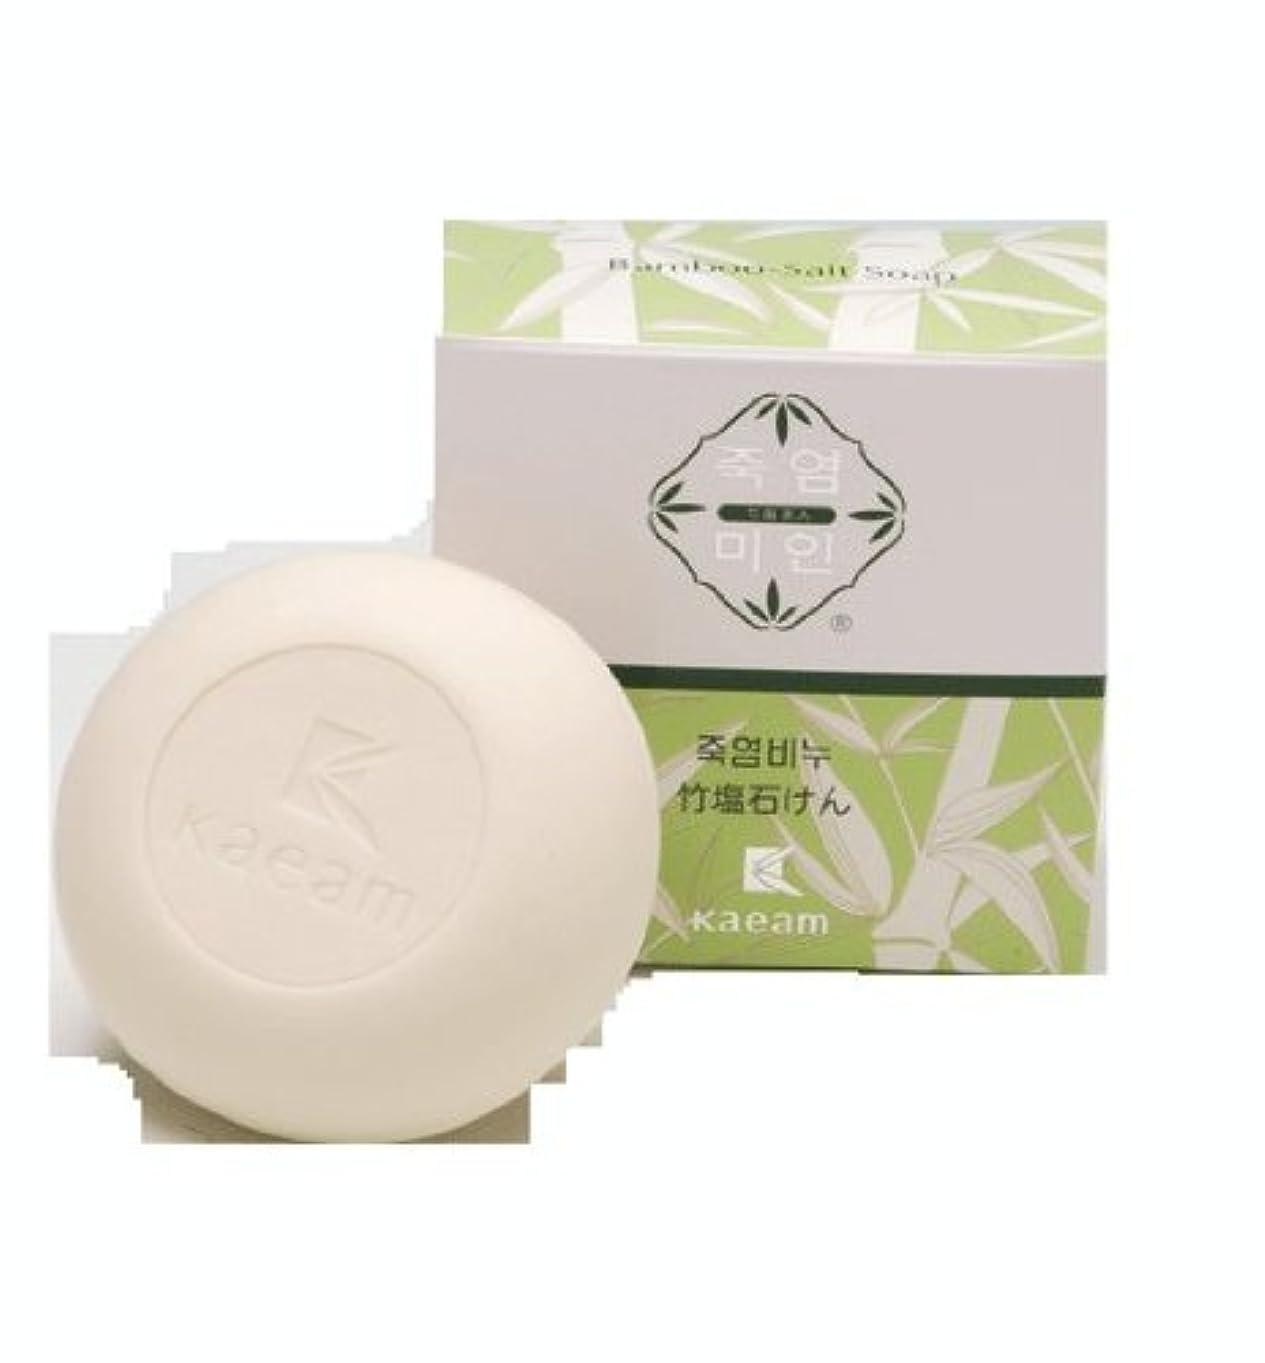 保護する記録レイアウト洗顔せっけん 商品 竹塩石鹸 3個入り 開岩 Kaeam Bamboo Salt Soap